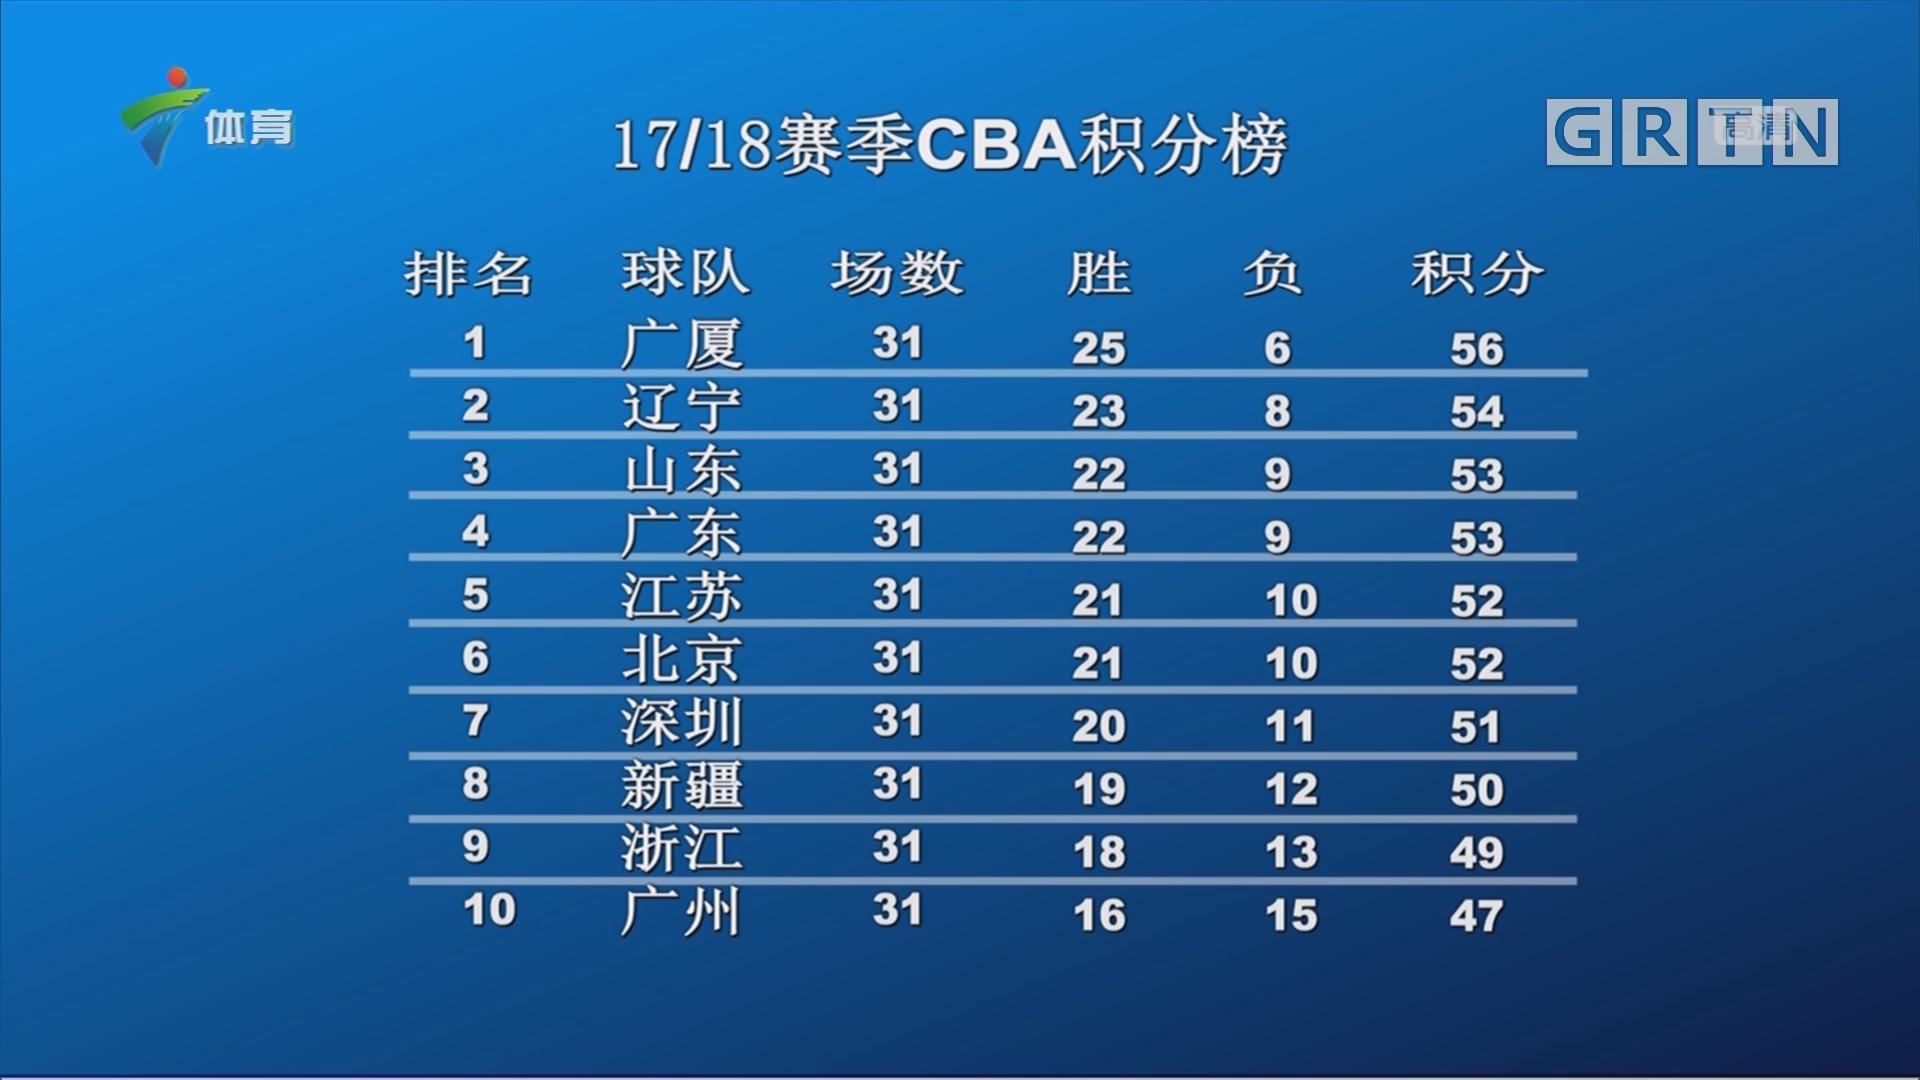 17/18赛季CBA积分榜